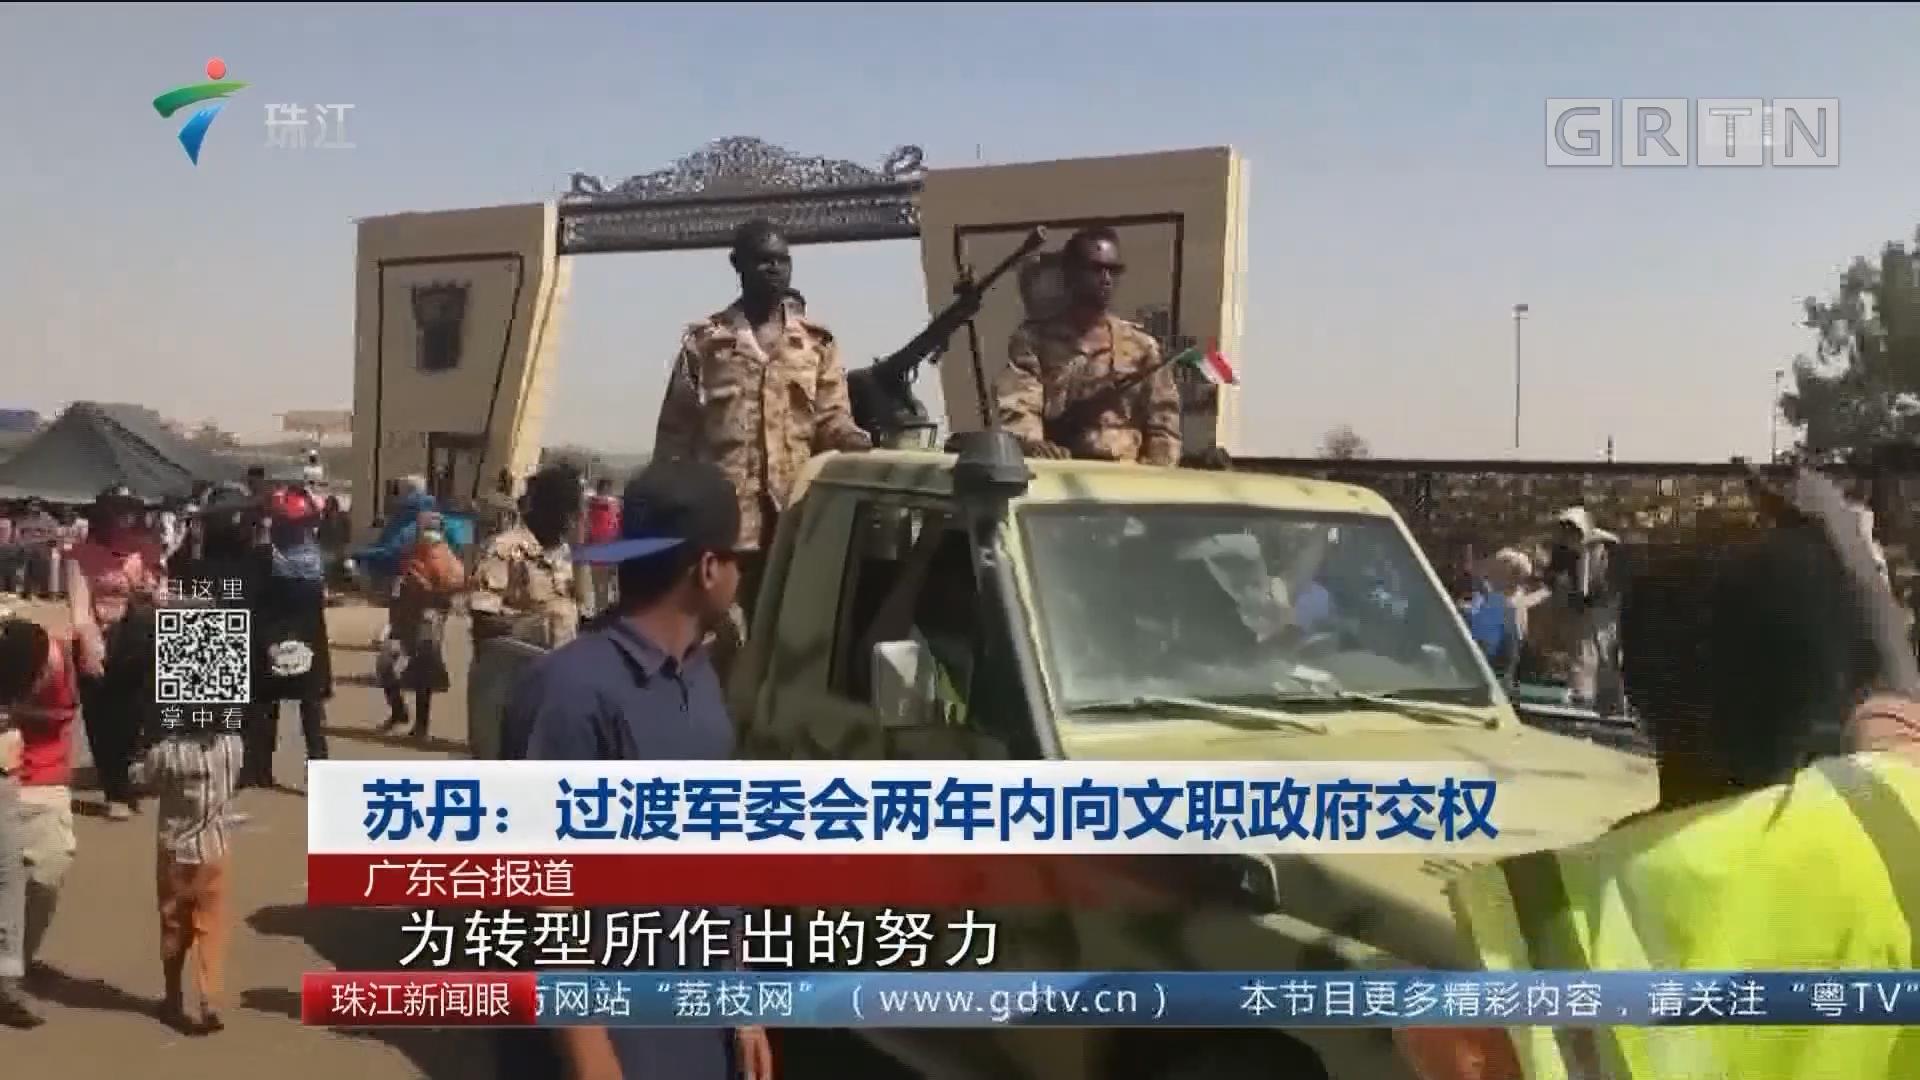 苏丹:过渡军委会两年内向文职政府交权